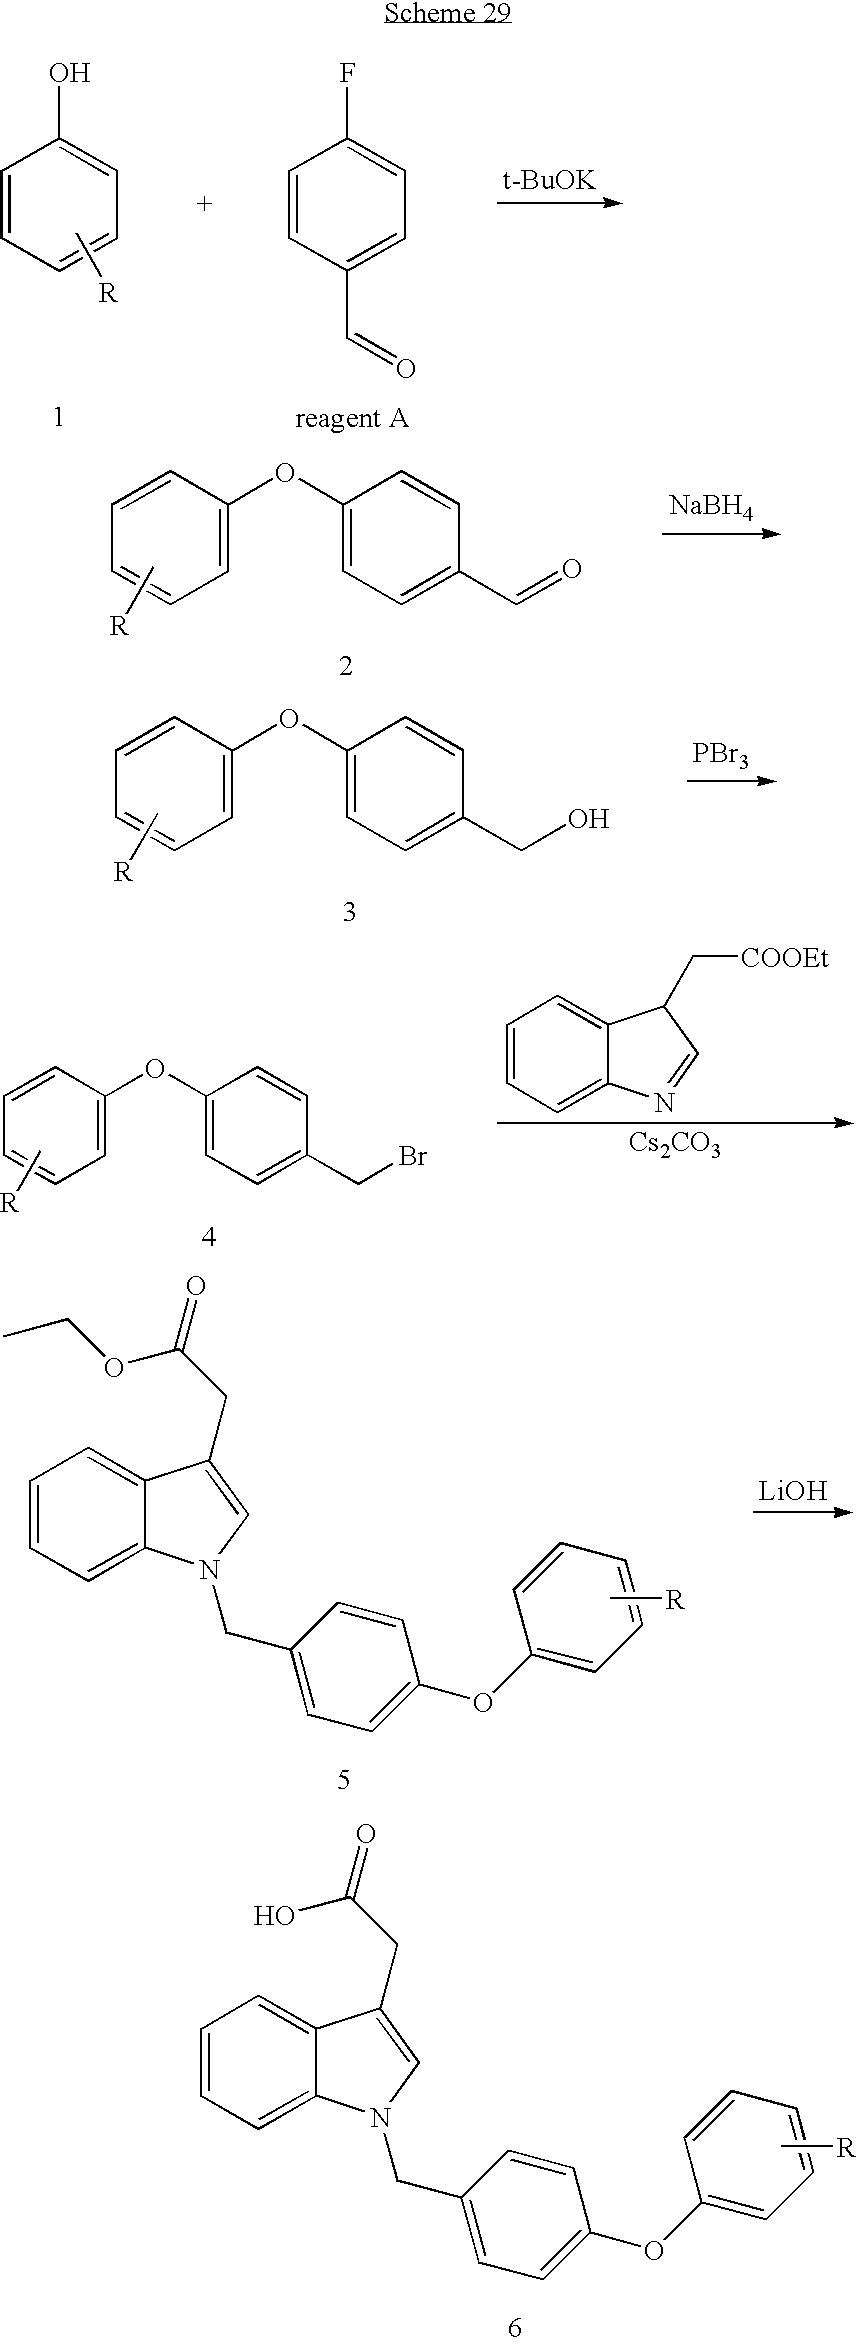 US20090047246A1 - Novel inhibitors of hepatitis c virus replication -  Google Patents e461e965e8e4